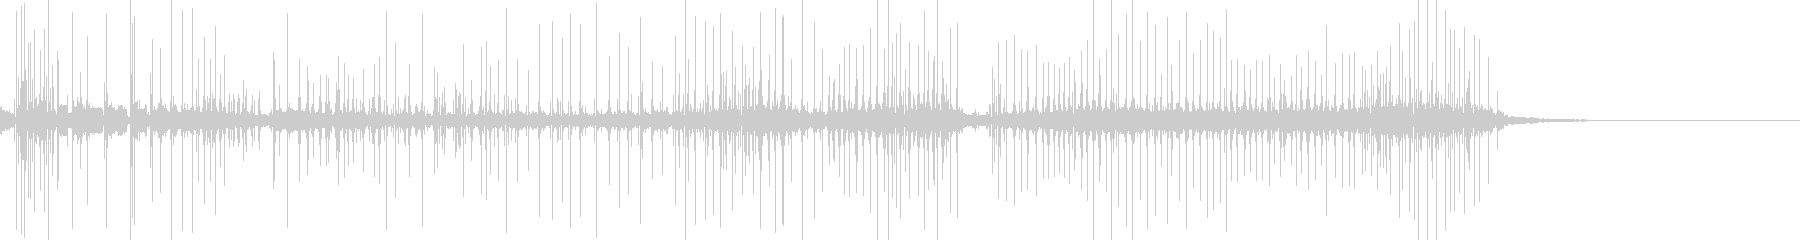 ビリビリ(アーク溶接音)の未再生の波形